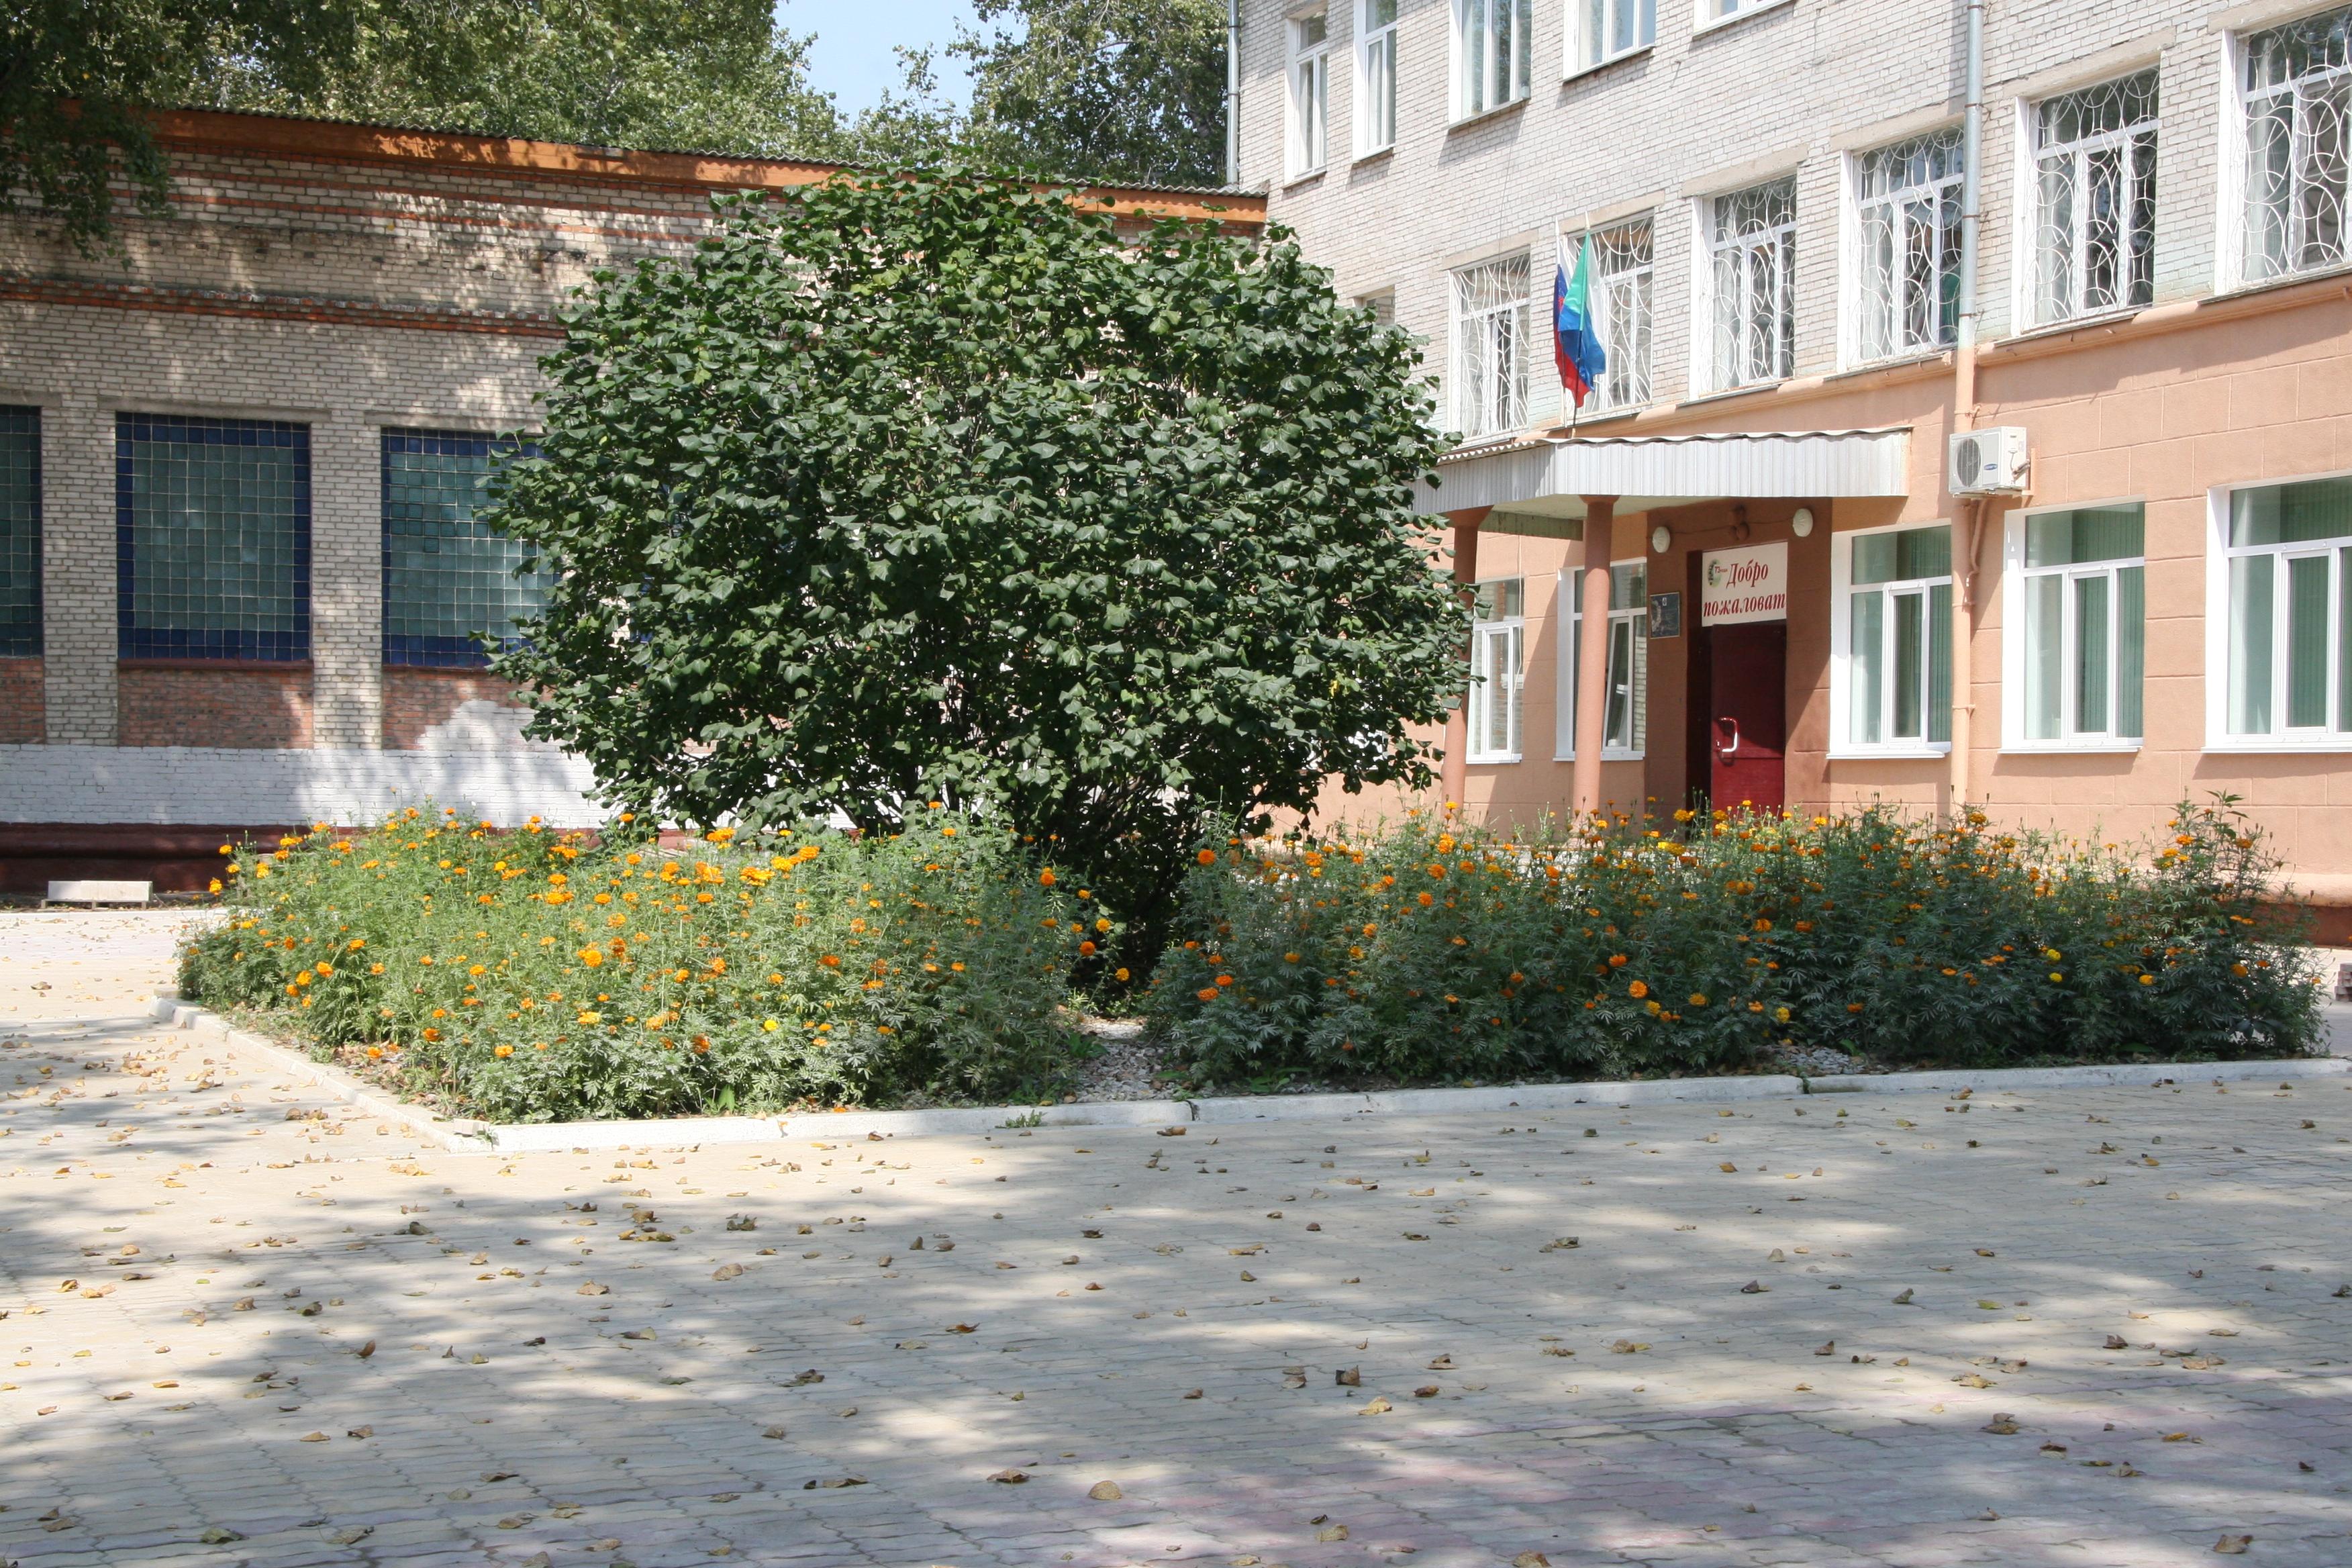 Хабаровский педагогический колледж имени героя советского союза дл калараша - одно wwwgouhpkru